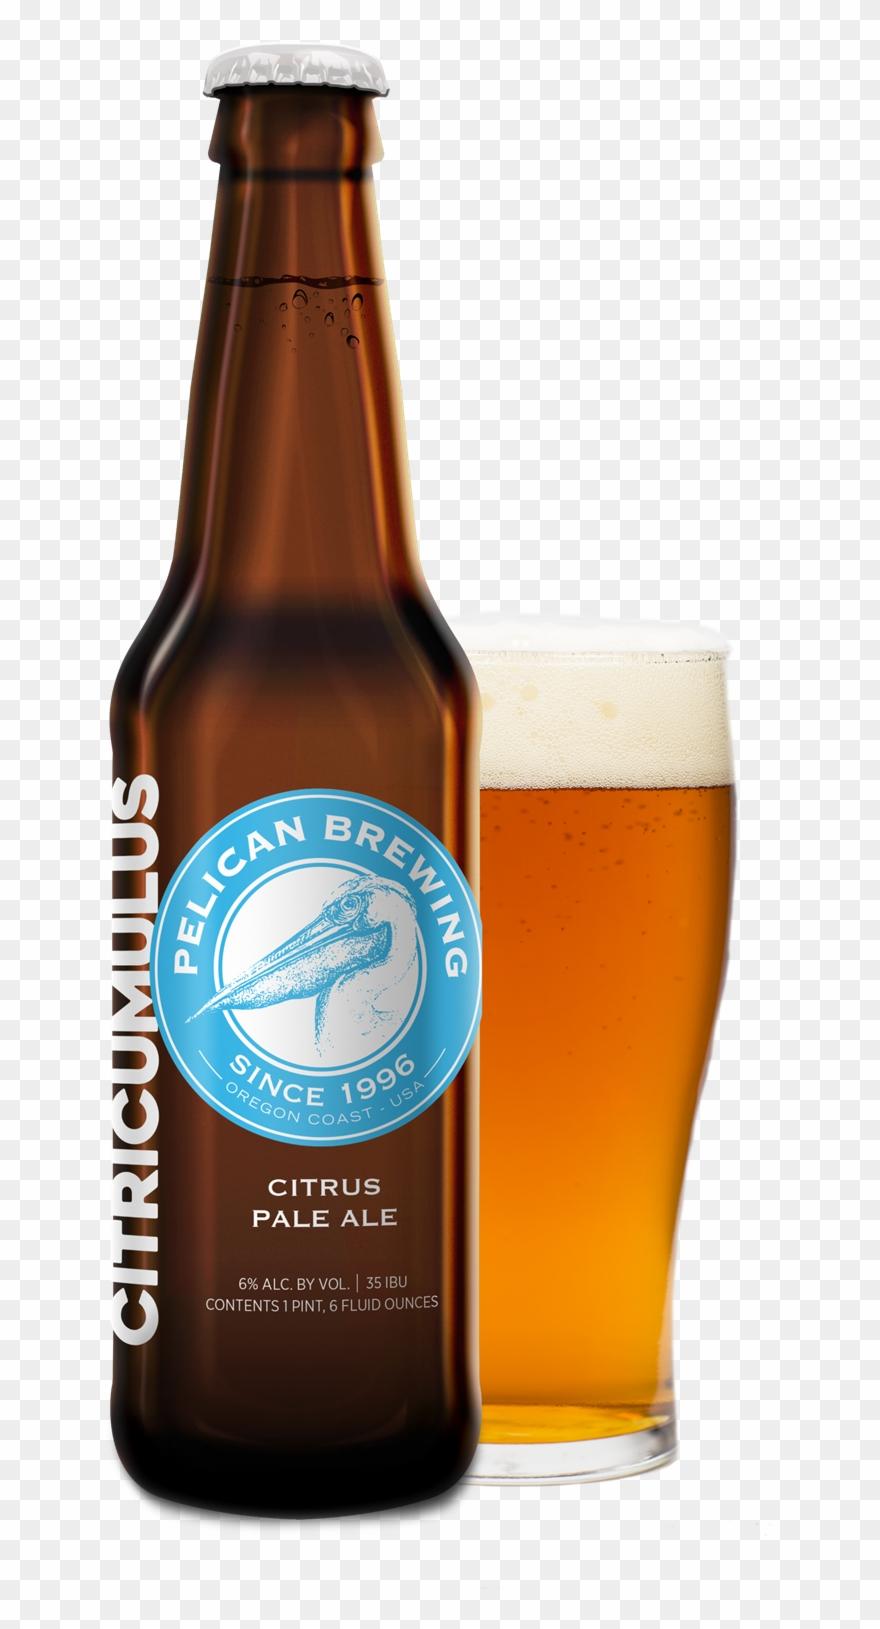 Pale ale clipart clipart black and white download Pelican Citricumulus Citrus Pale Ale Clipart (#2308253 ... clipart black and white download